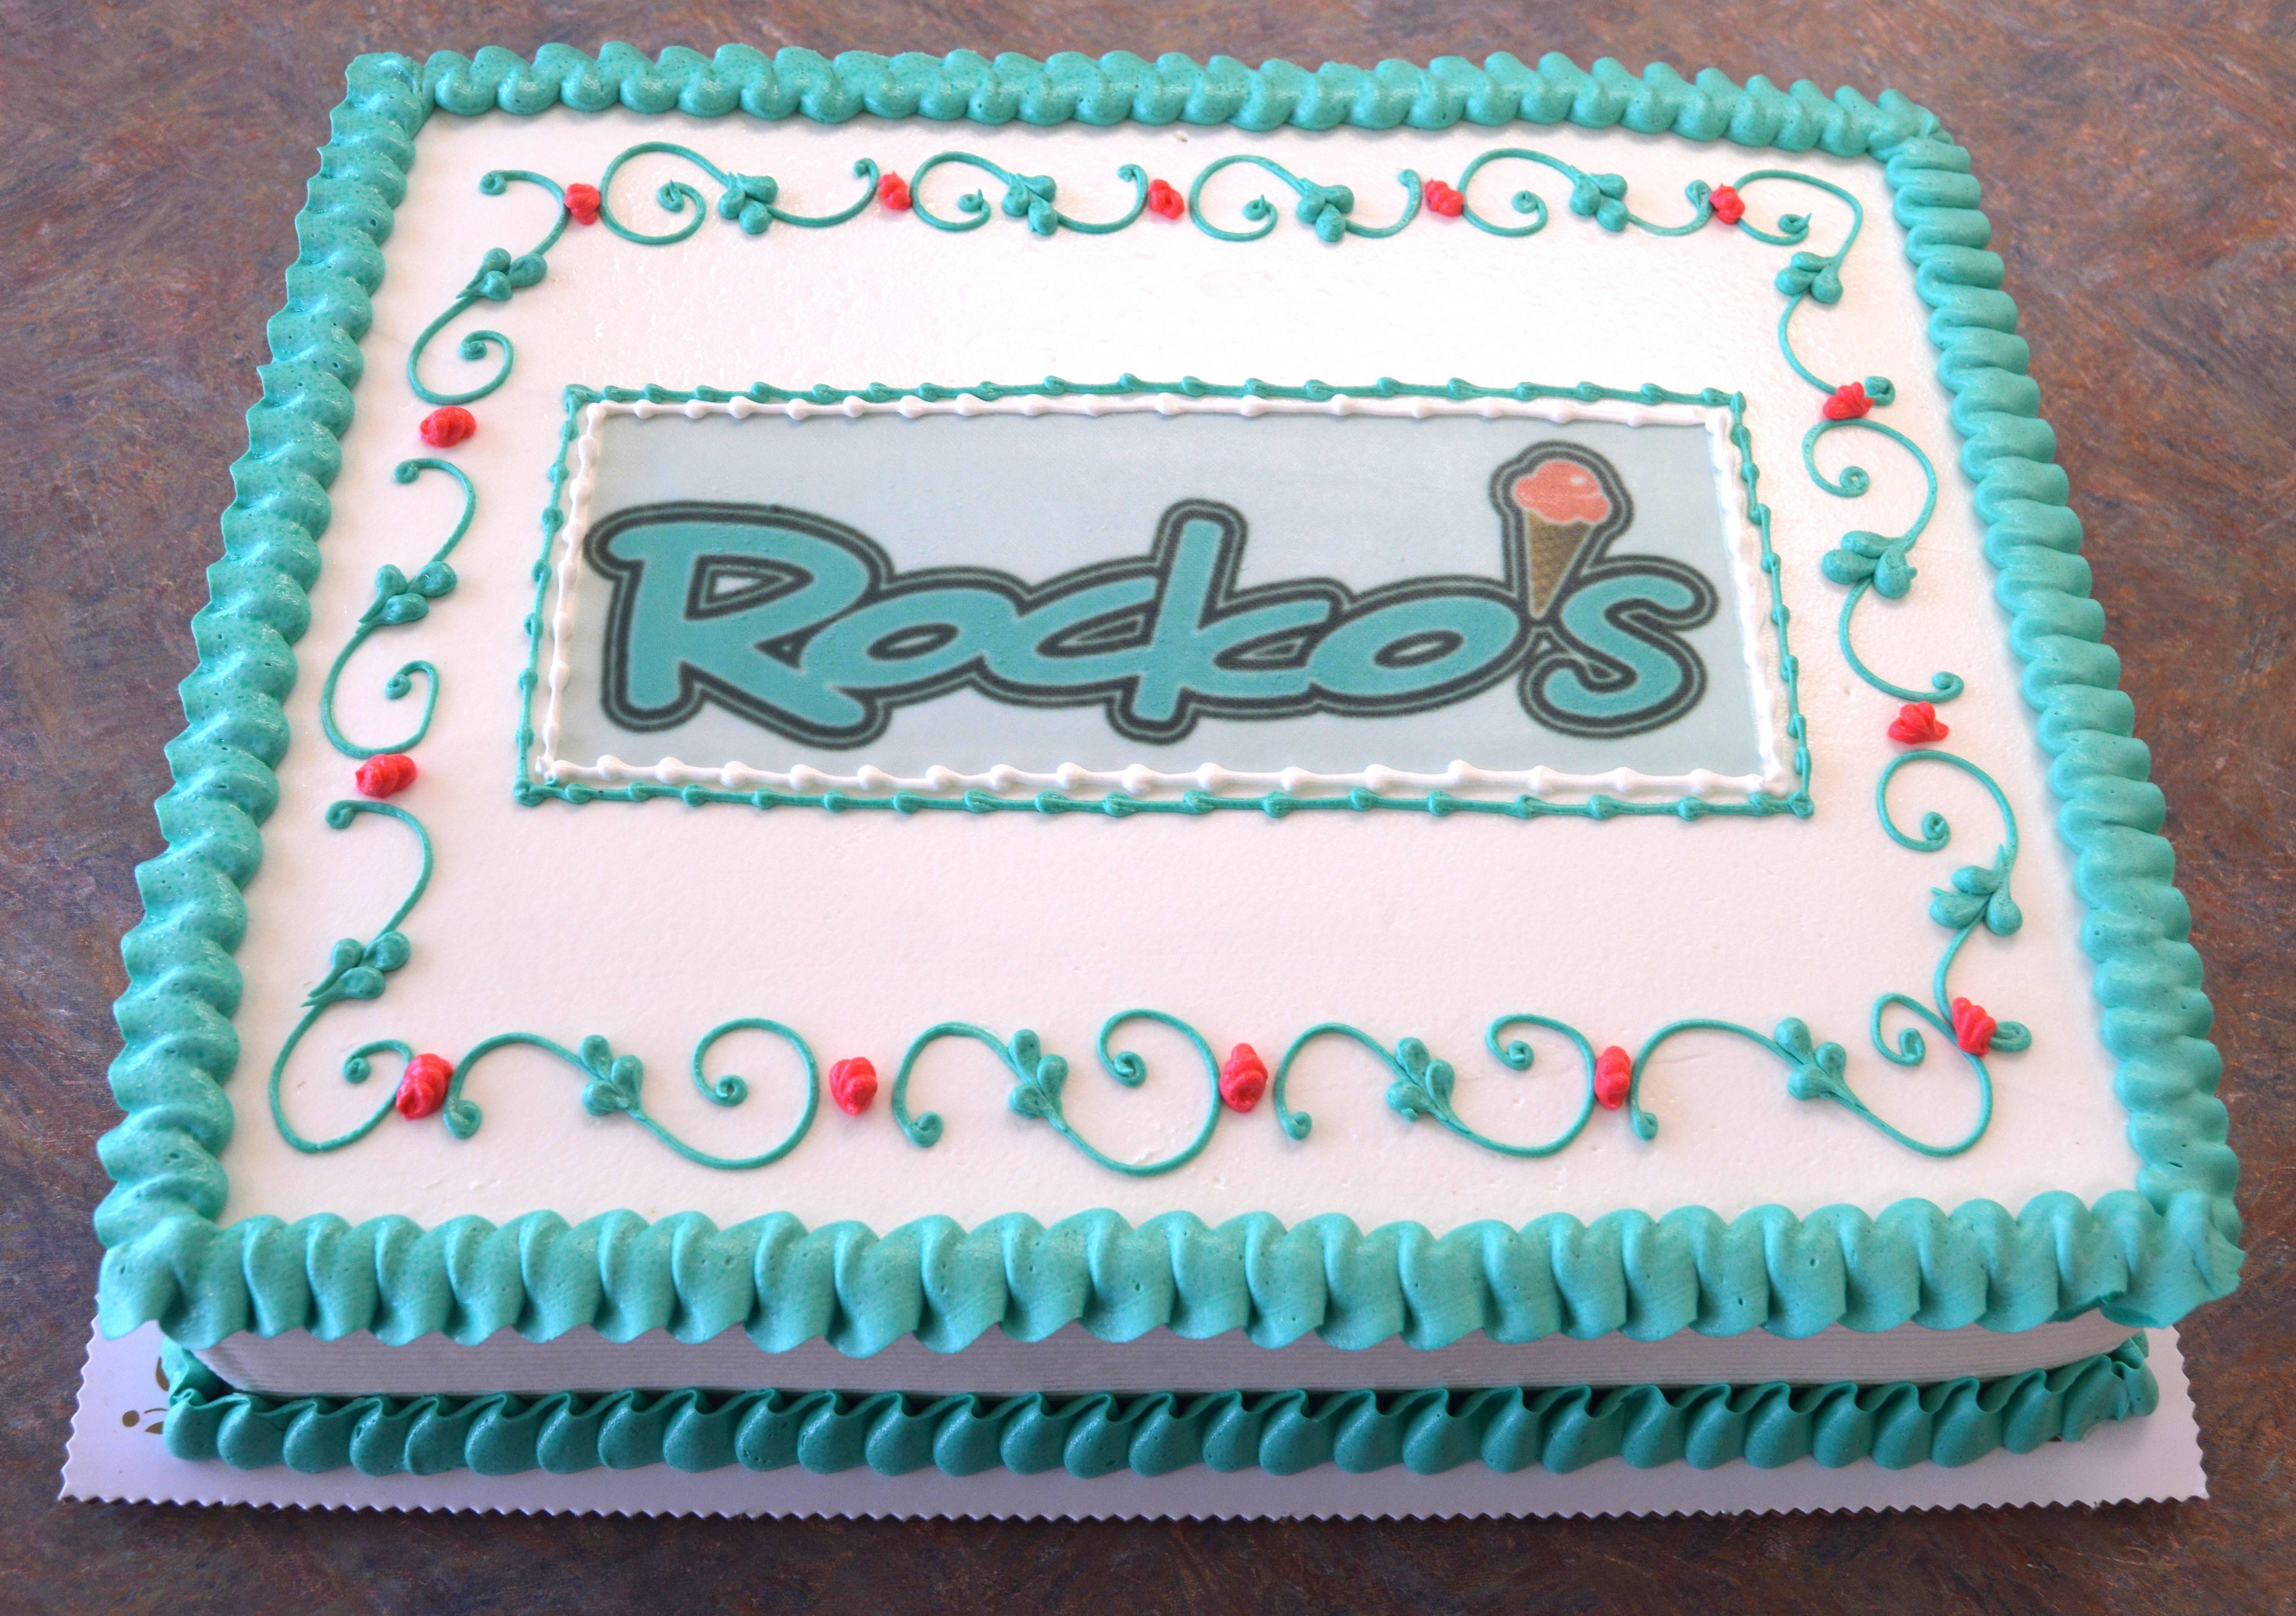 59736056d27d96db1ae3_Birthday_cake.JPG